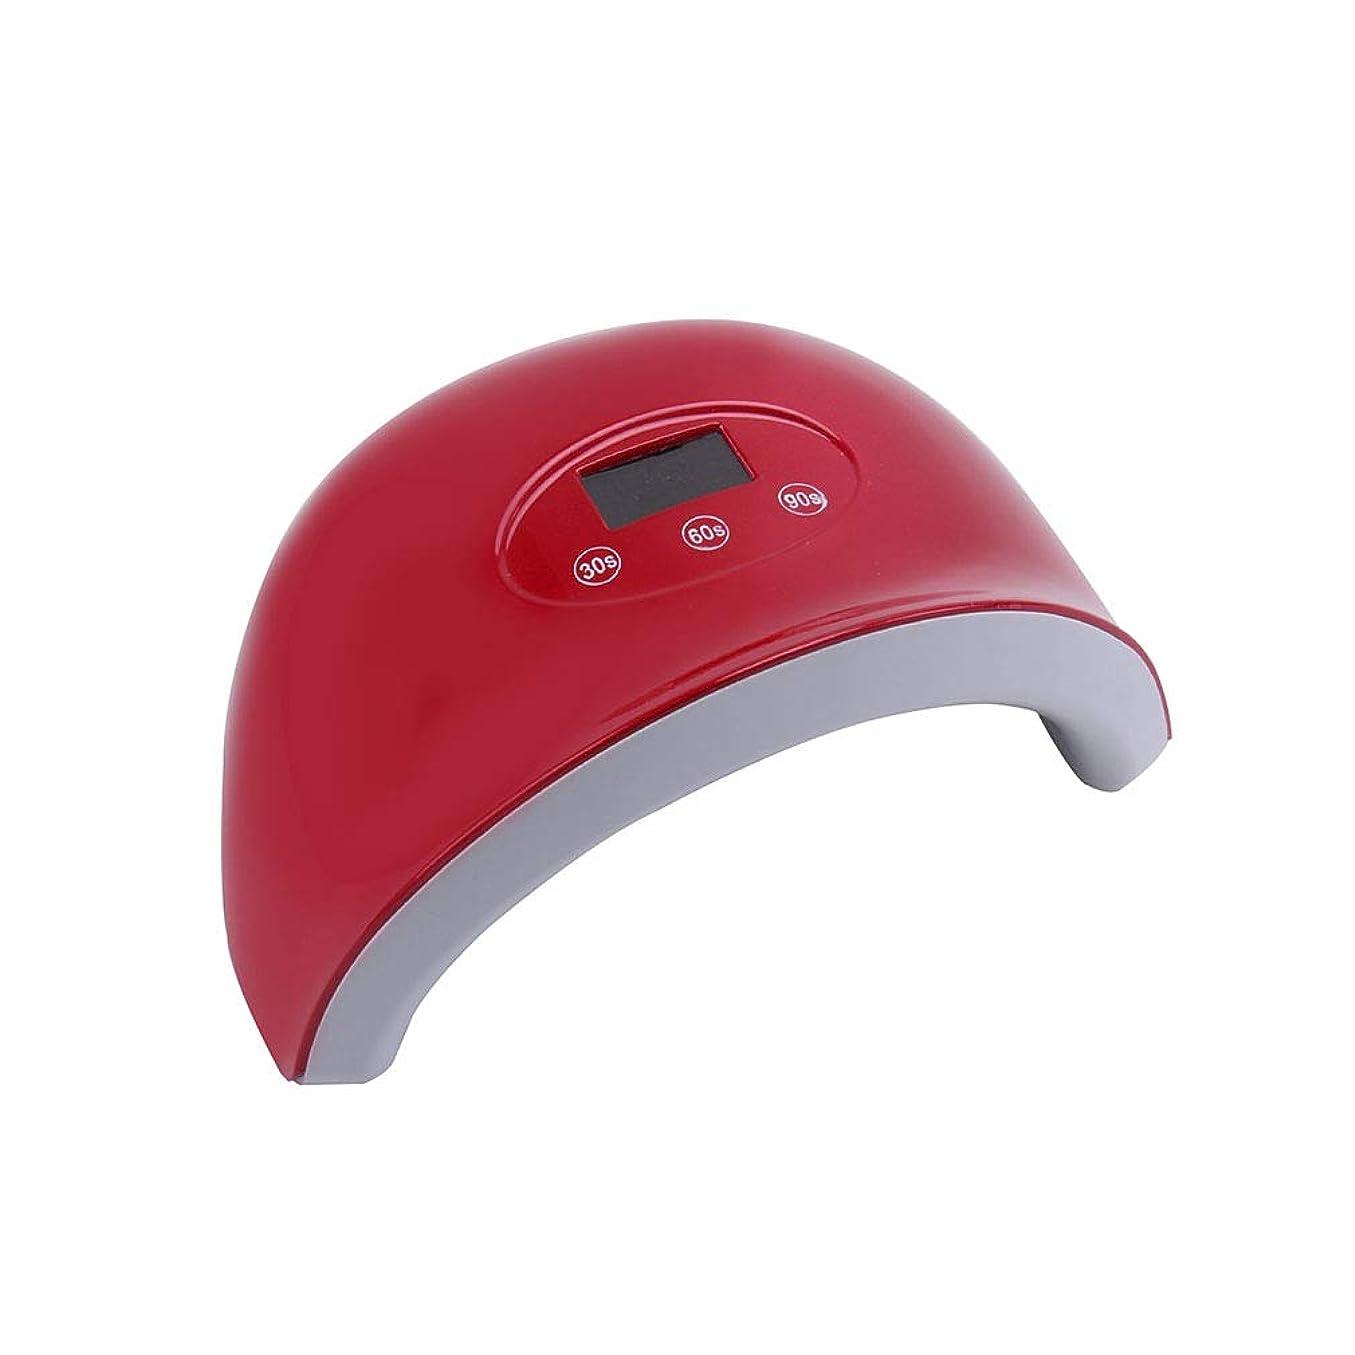 おとなしいオークション男やもめ24ワットネイルドライヤー、ネイル用ポータブルLED/UVランプ、30/60/90秒タイマー、赤外線センサー、LCDディスプレイ、すべてのゲルに対応,Red